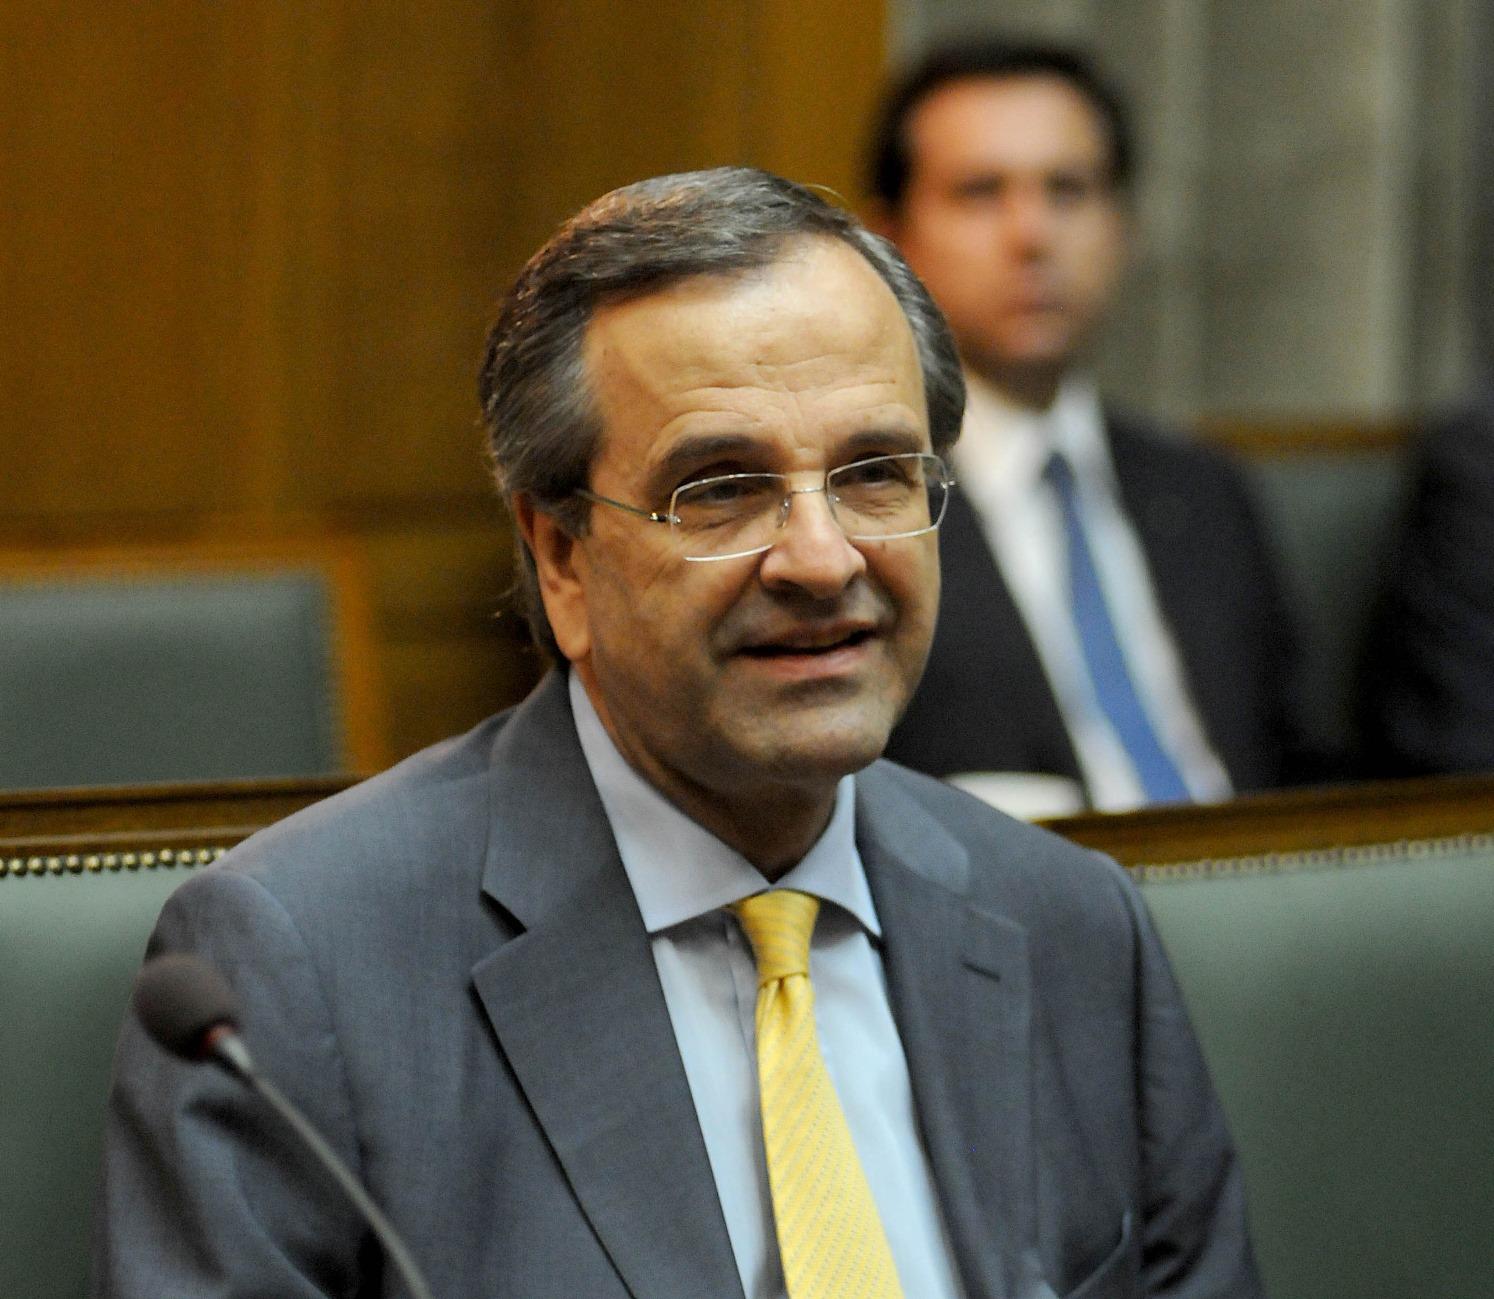 ΣΥΡΙΖΑ: «O Σαμαράς έχει κρυφή ατζέντα»